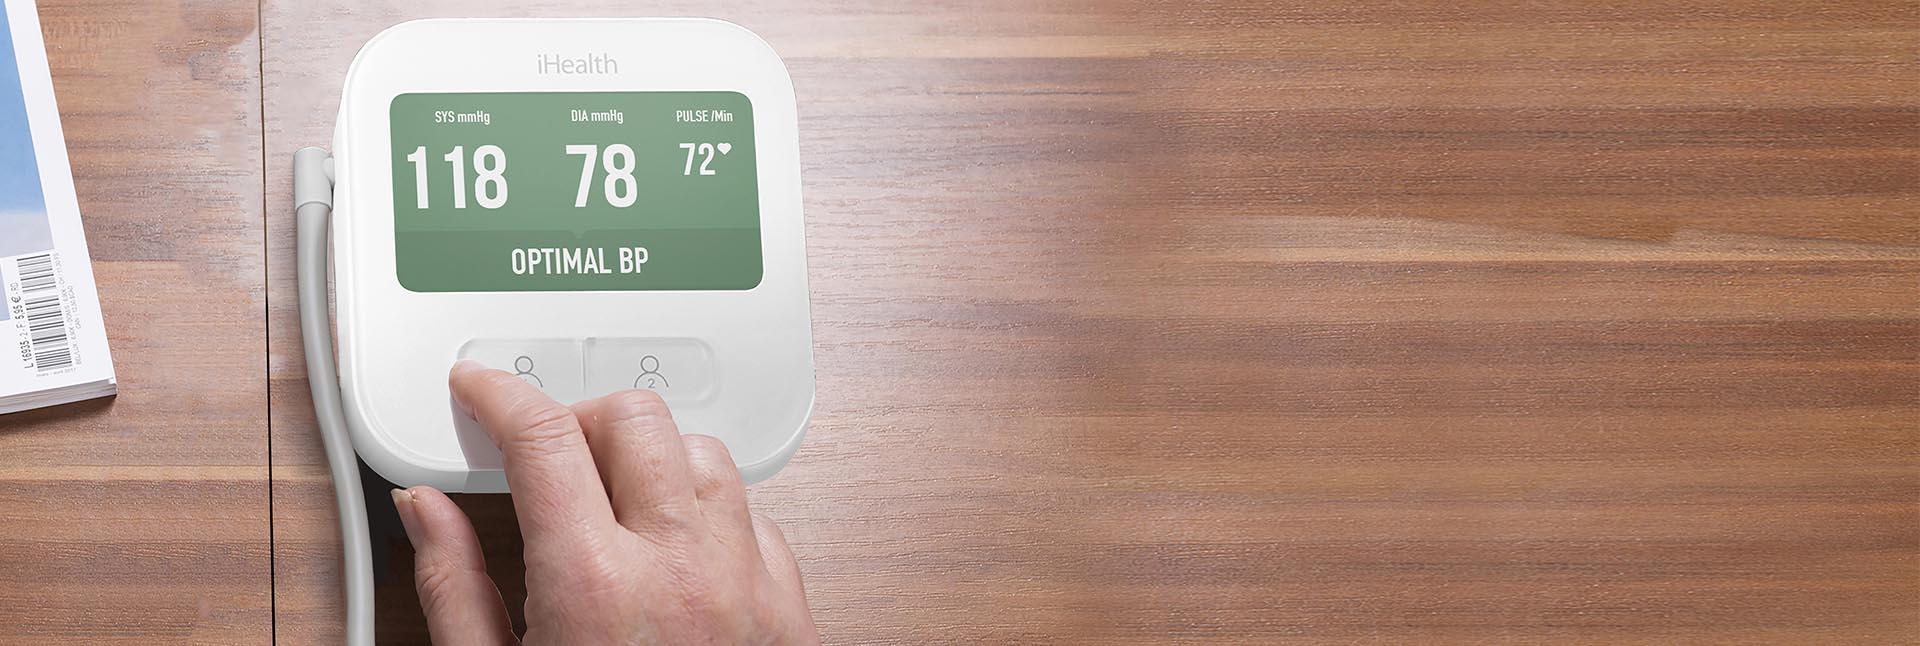 Il nuovo WIFI monitor della pressione sanguigna collegato allo schermo.